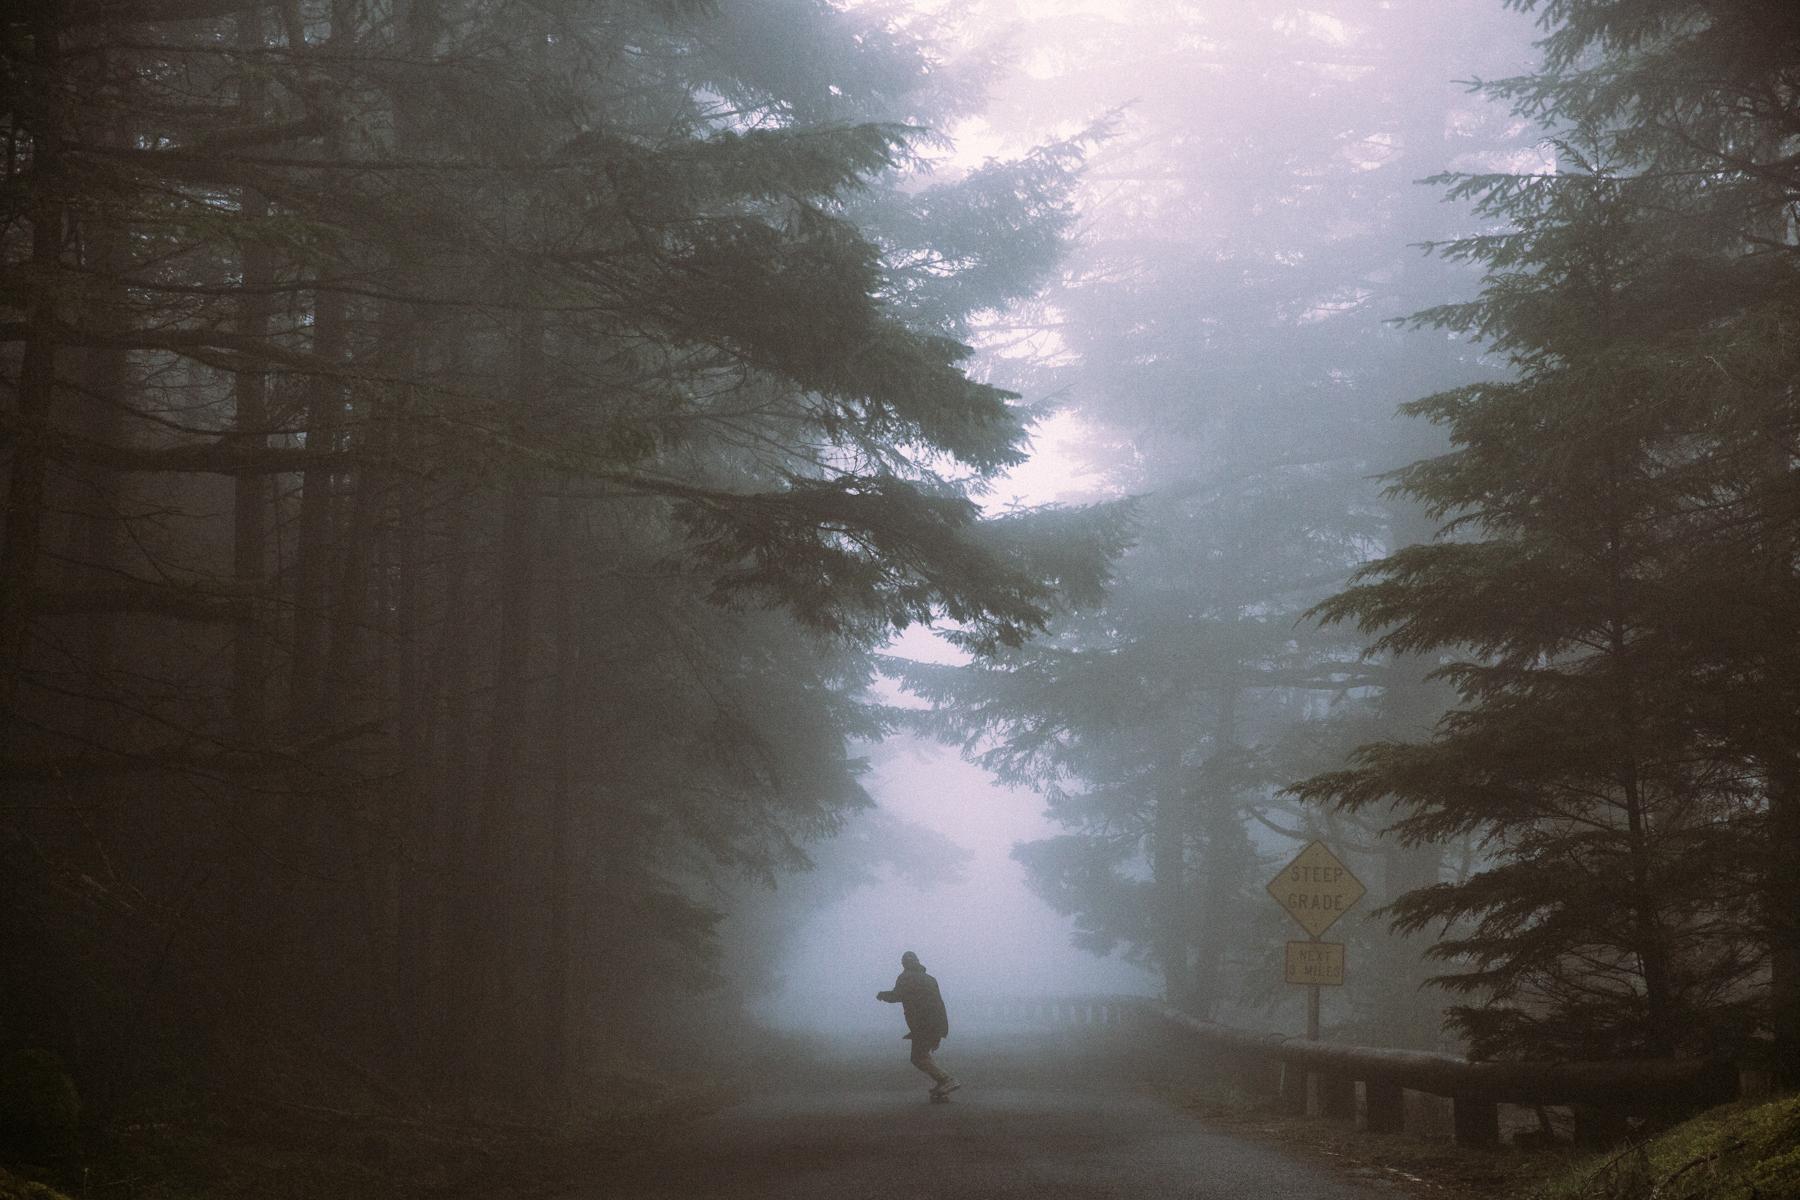 Mikkel Bang, Skateboarding down a fog covered hill